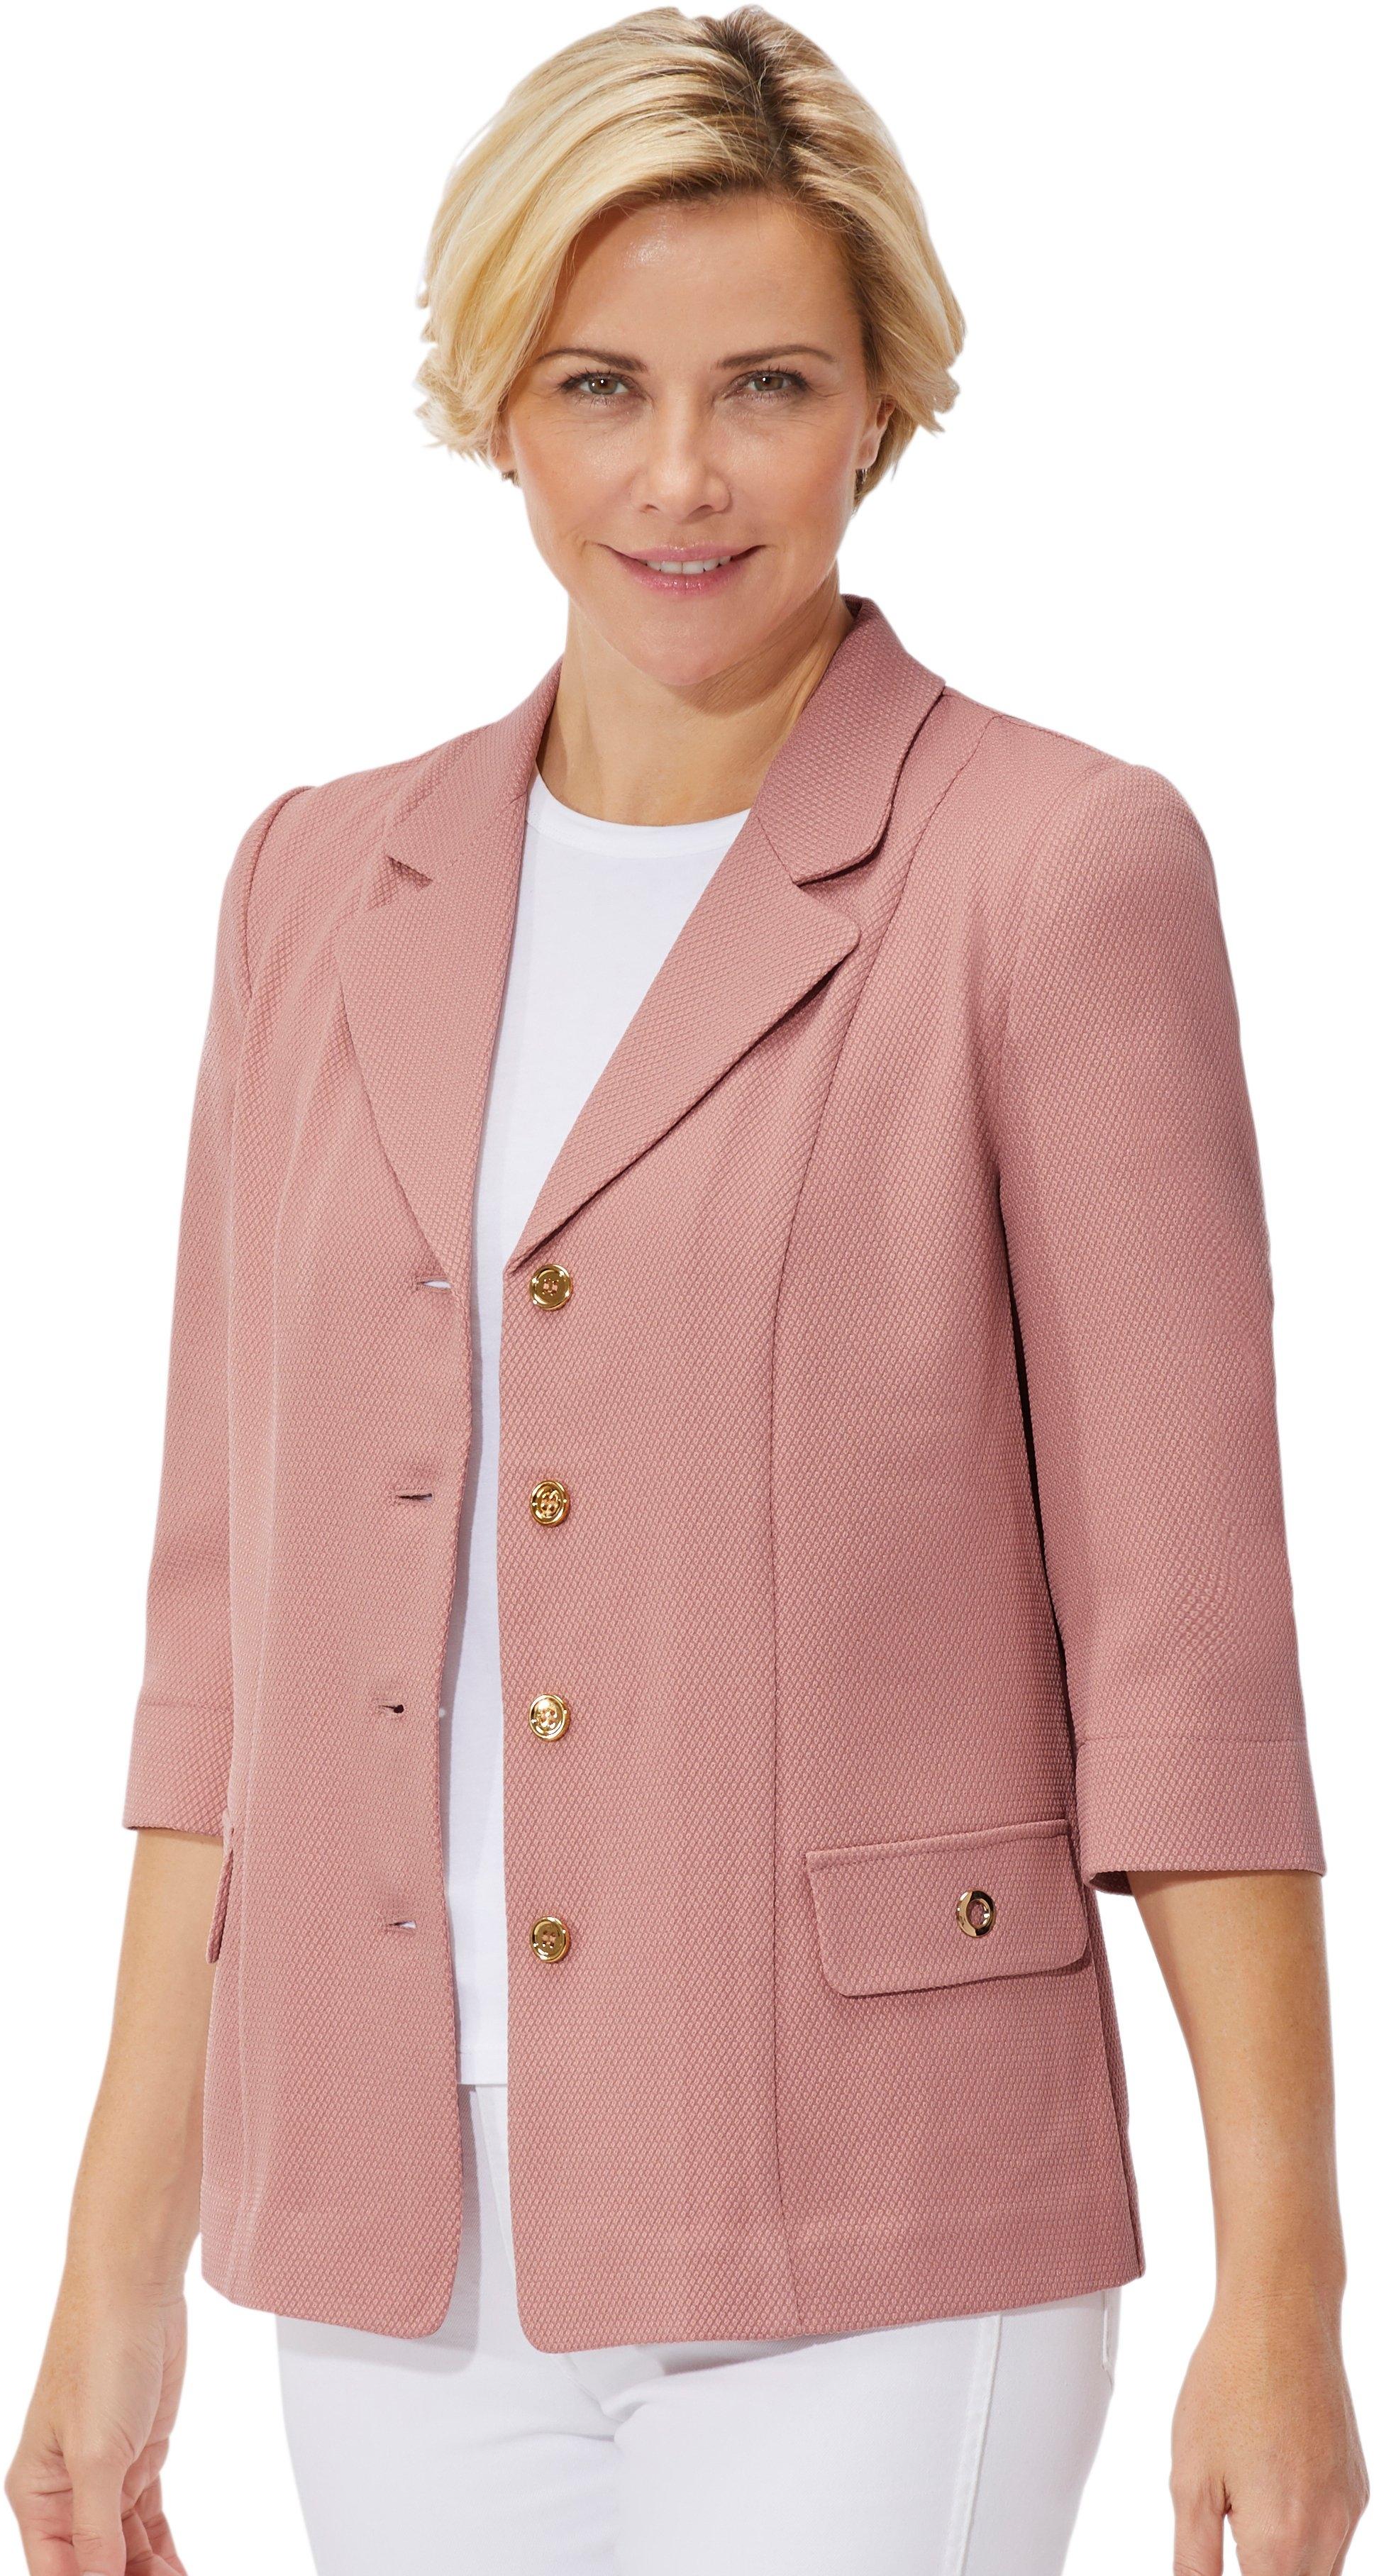 Classic blouseblazer goedkoop op otto.nl kopen